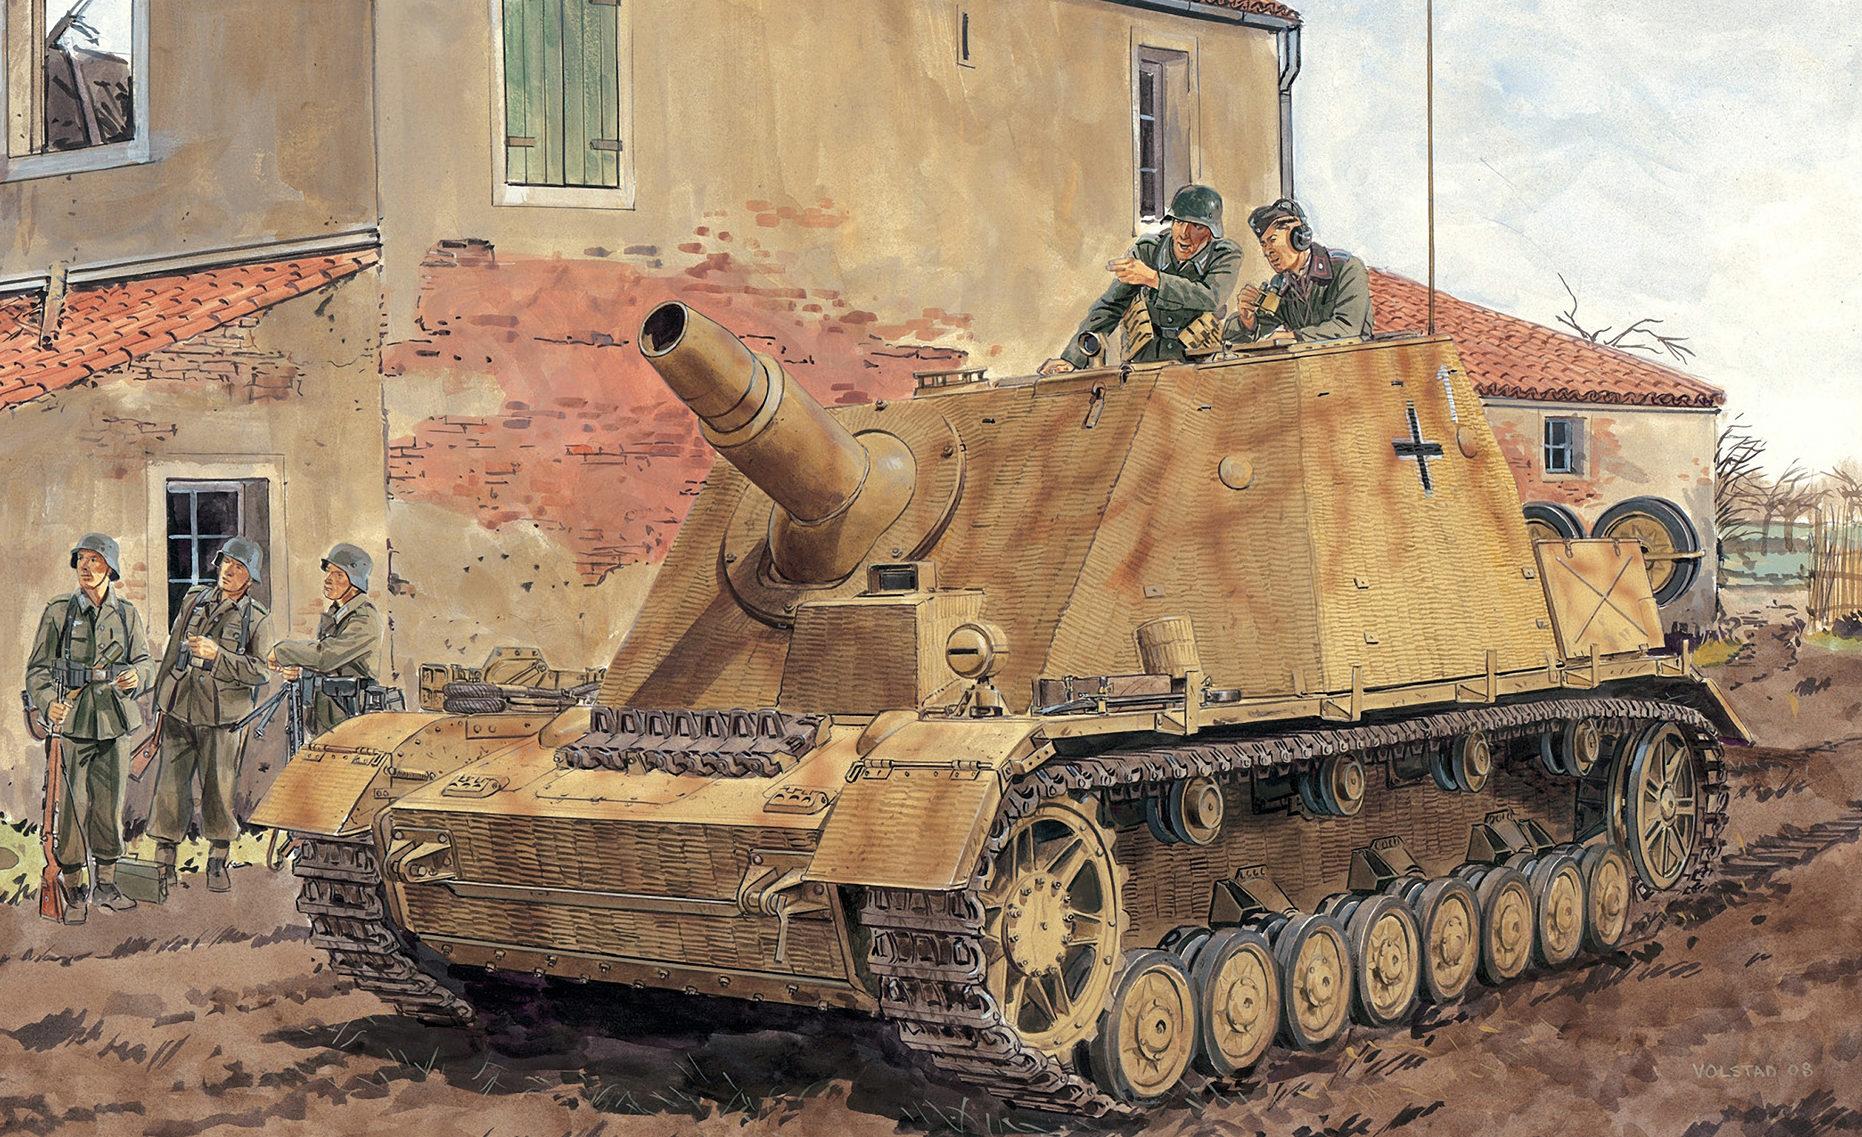 Volstad Ronald. САУ 15-cm StuH 43 (Brummbär).